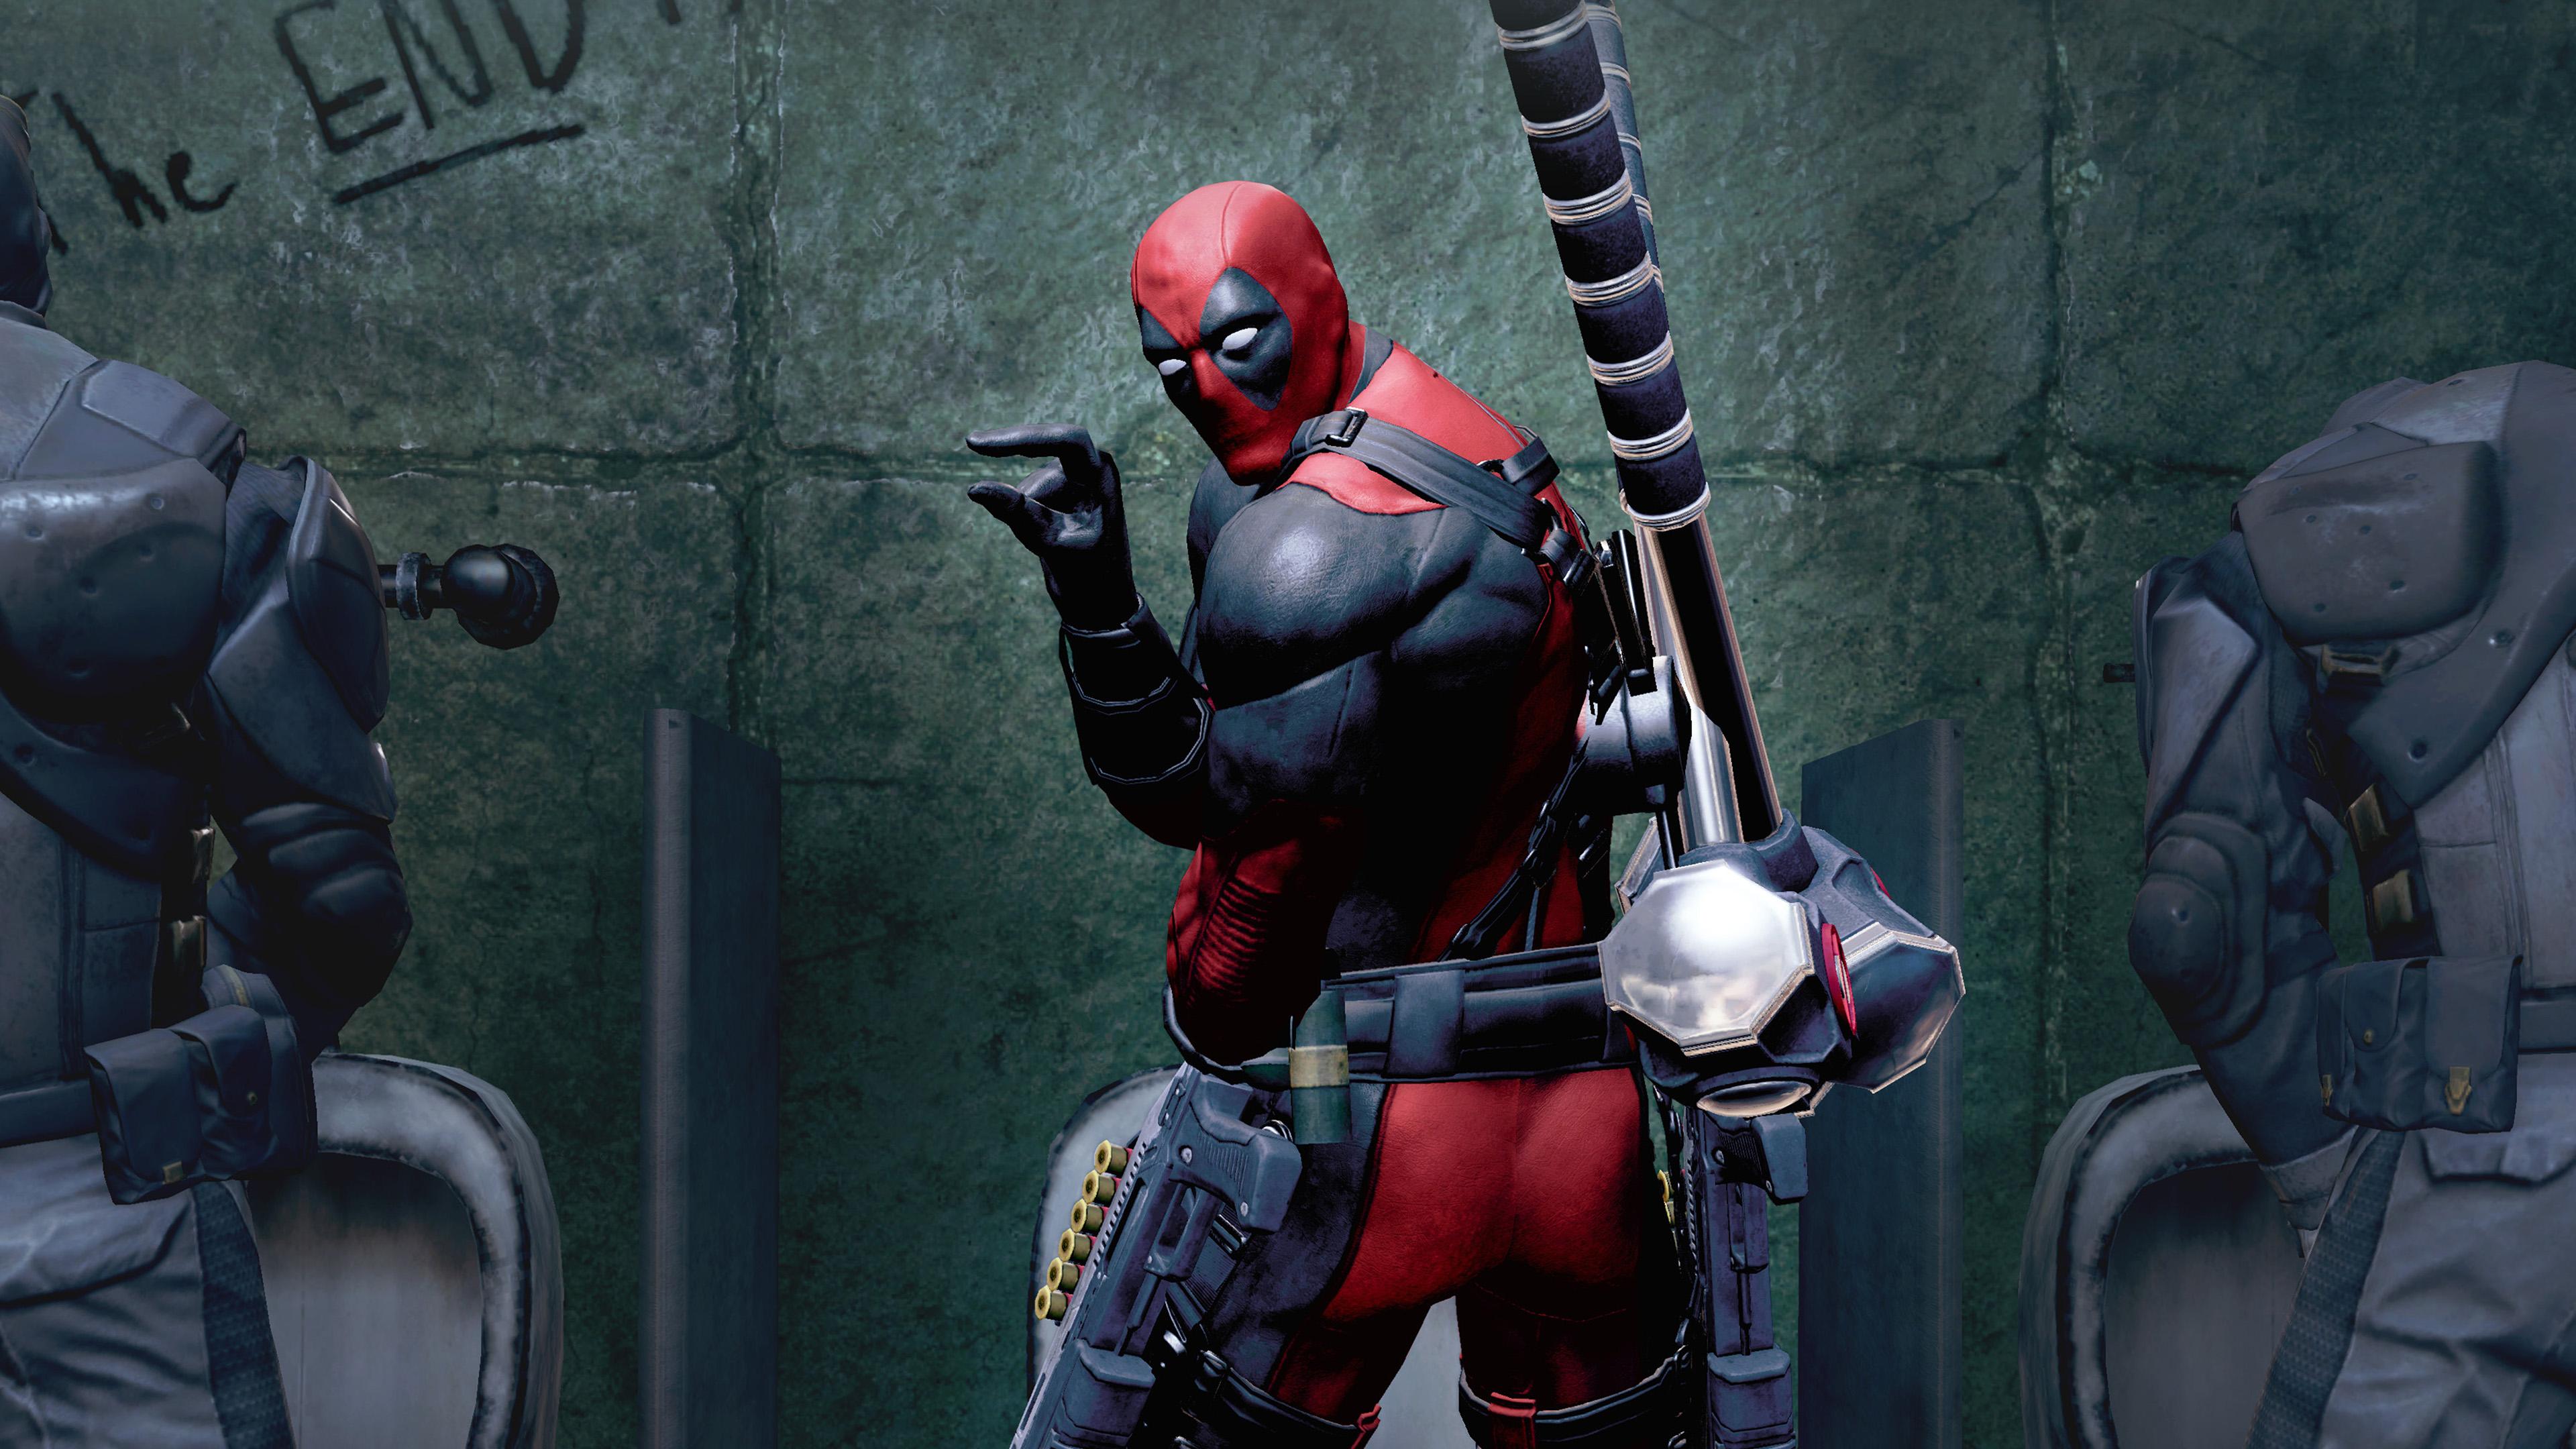 Ar32 Deadpool Superhero Art Pee Marvel Wallpaper